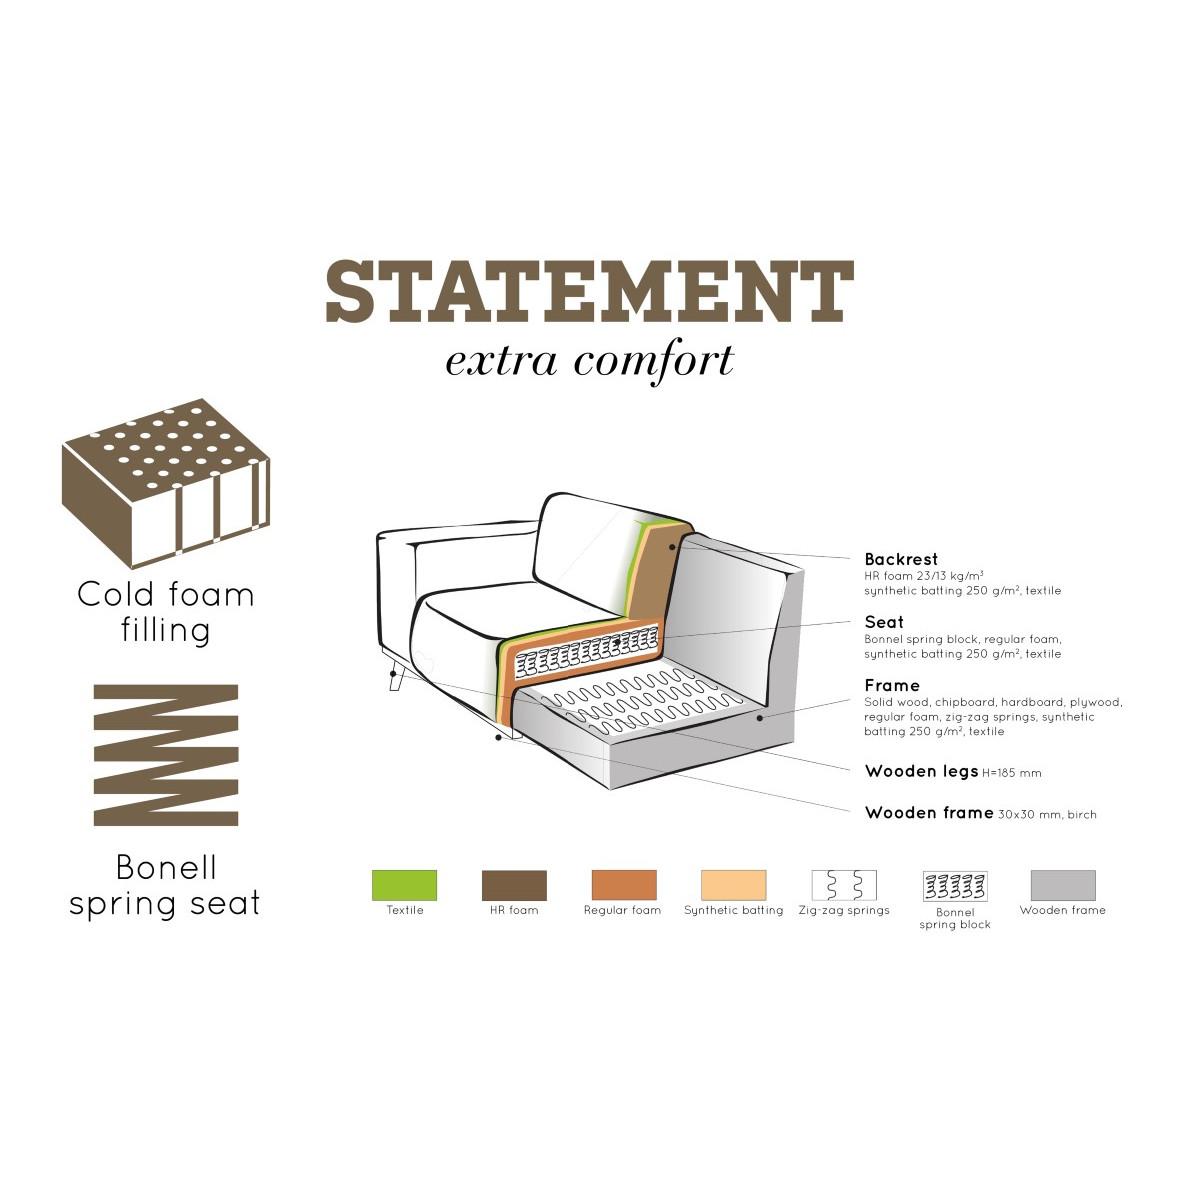 4er-sofa Statement | Schwarz